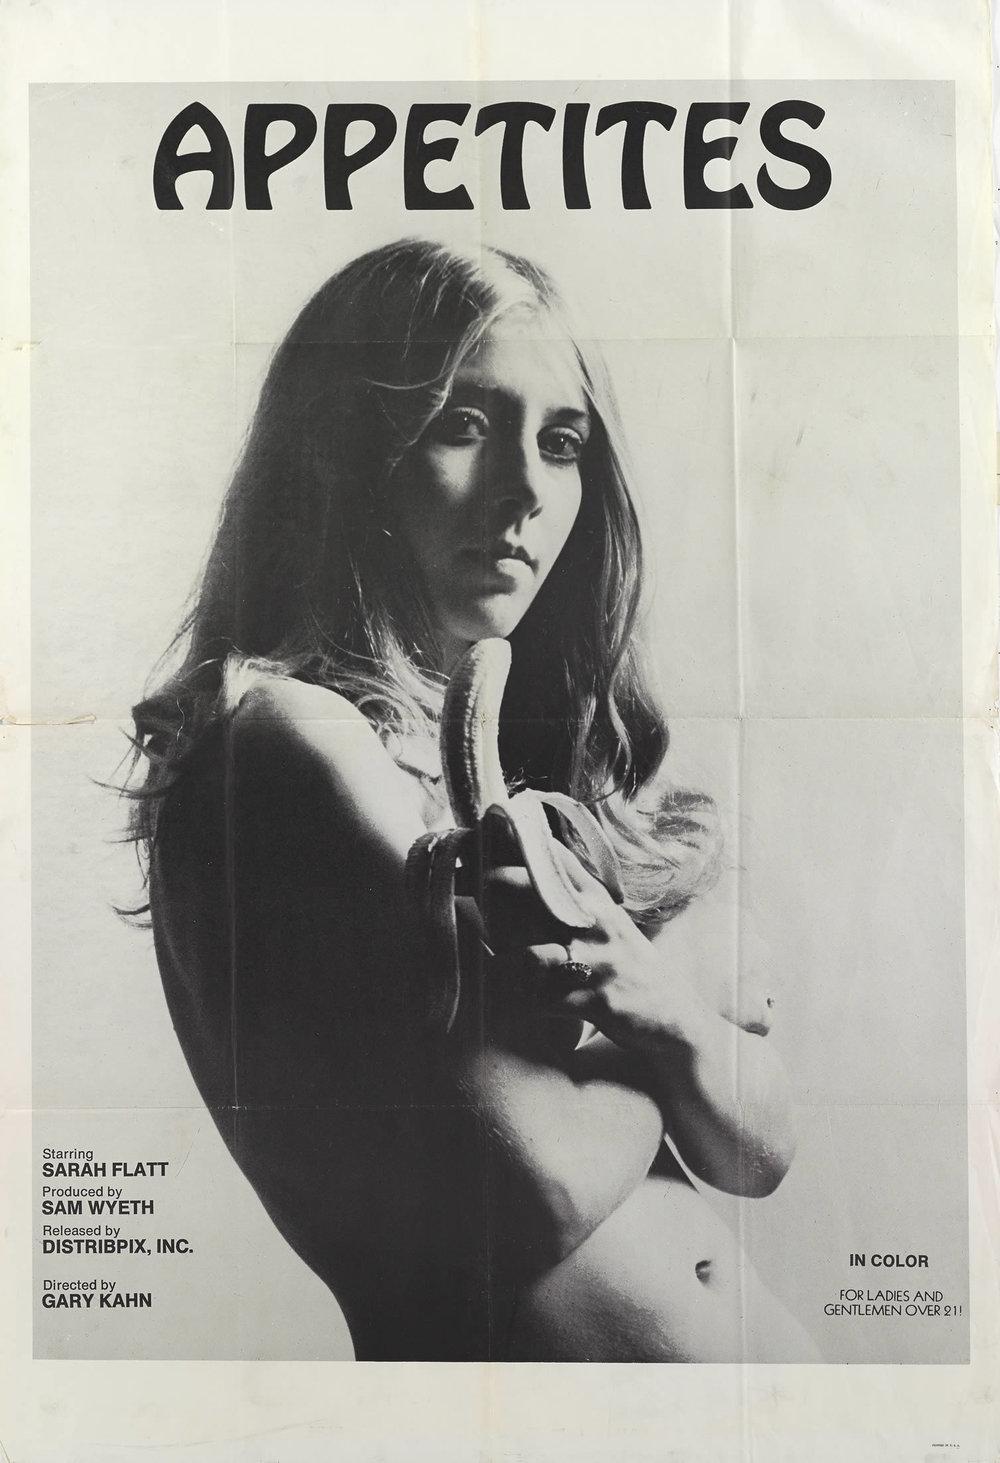 1970spornmovieposters10@2x.jpg